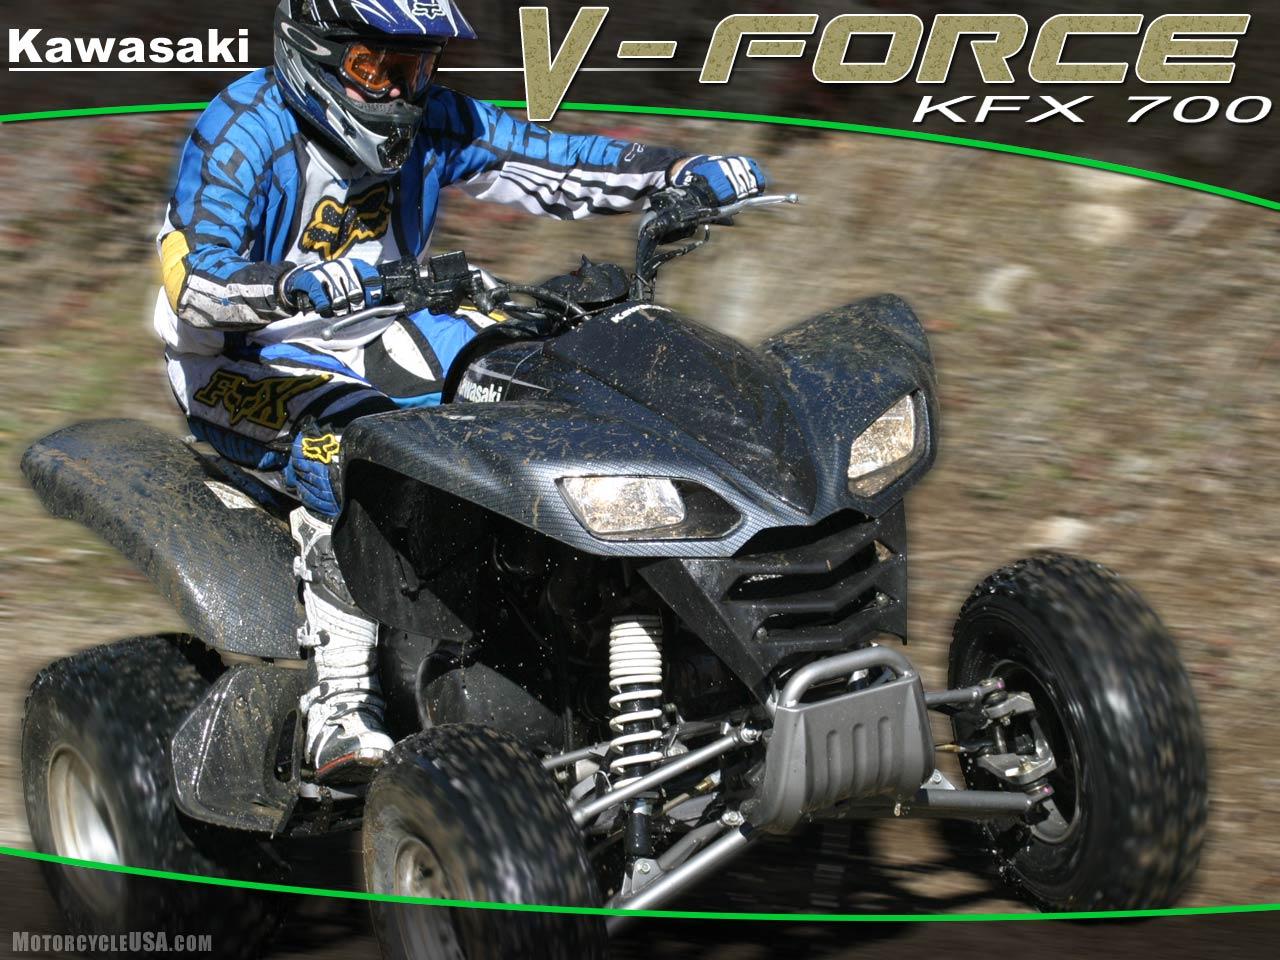 Kawasaki KFX700